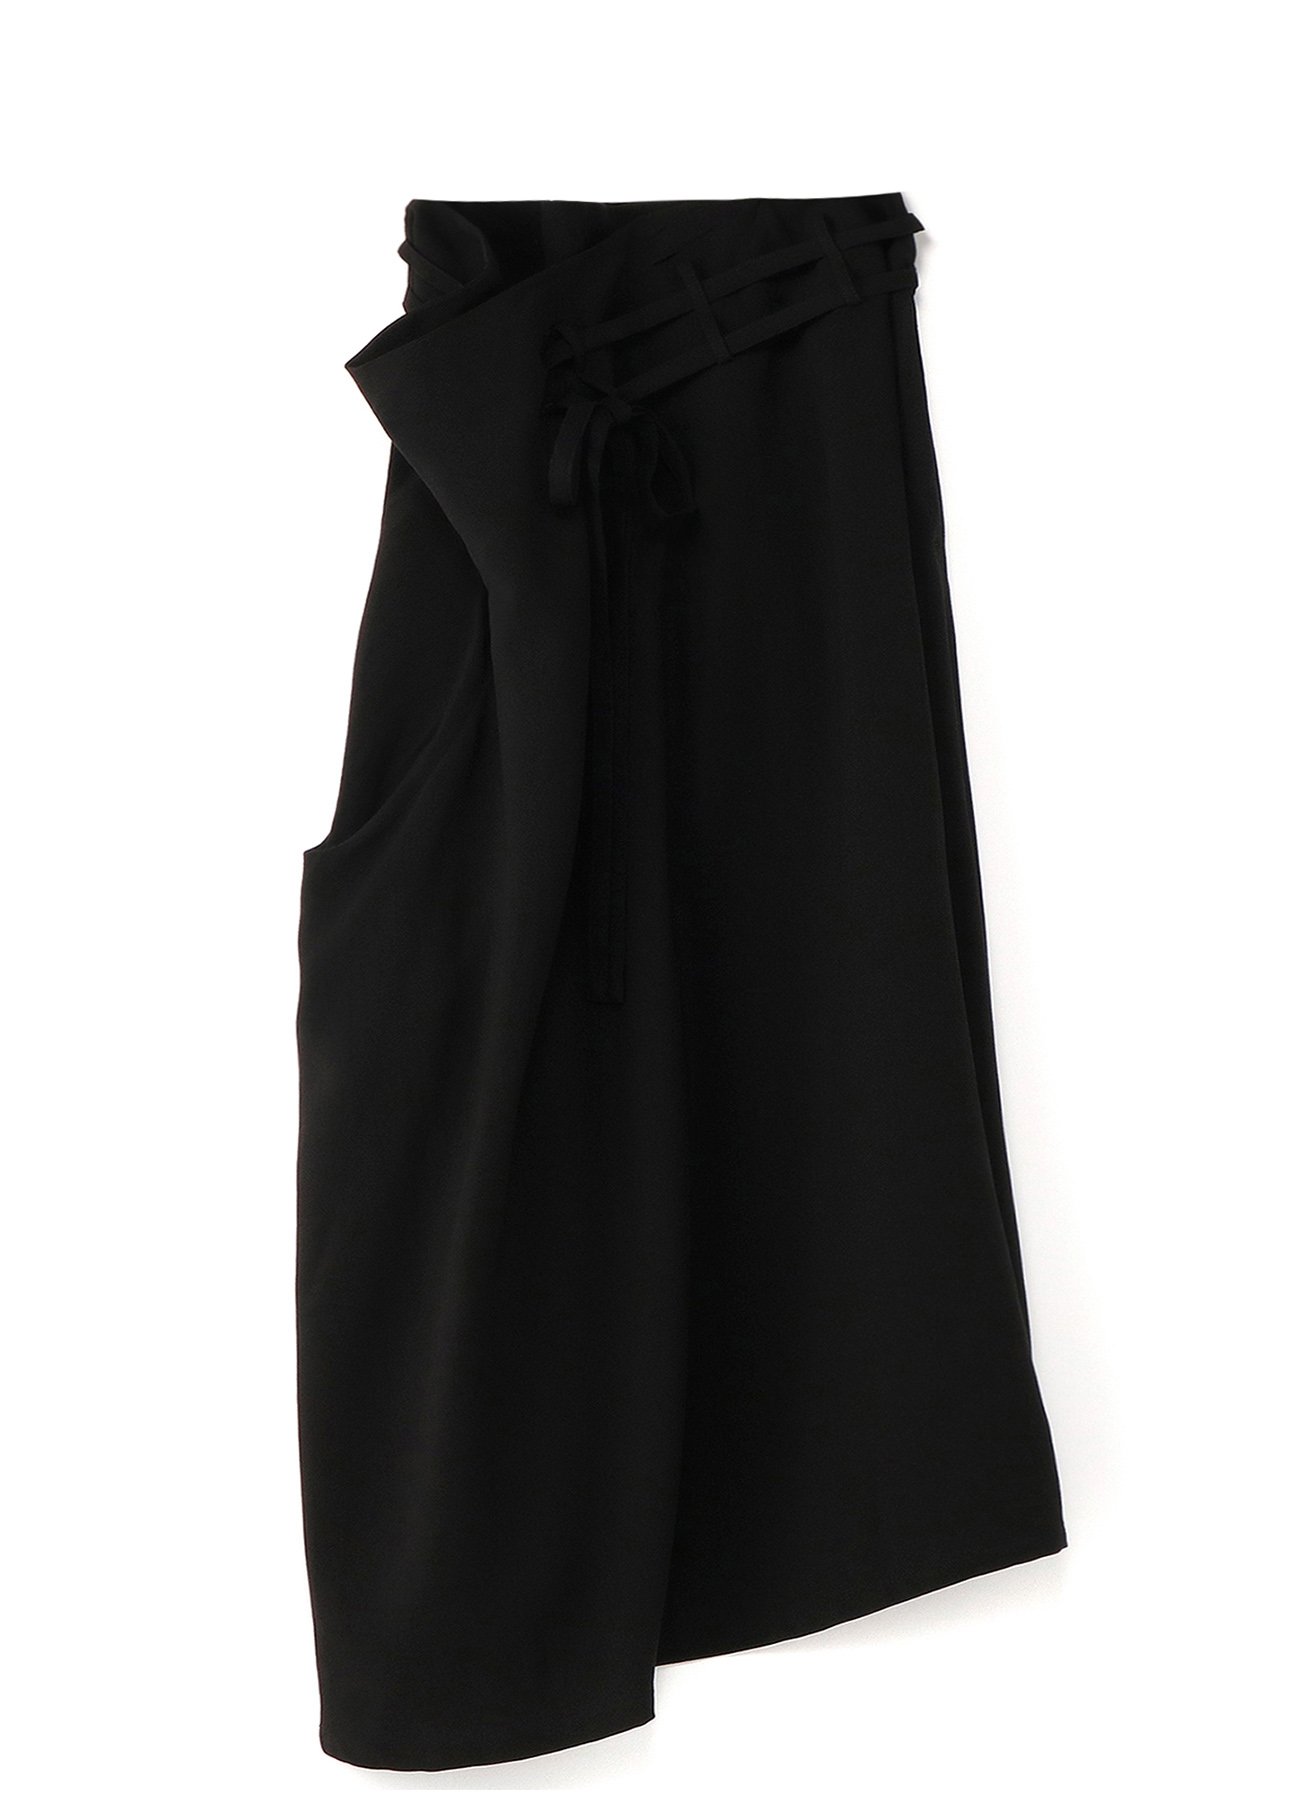 堆积腰身·不对称倾斜下摆半身裙